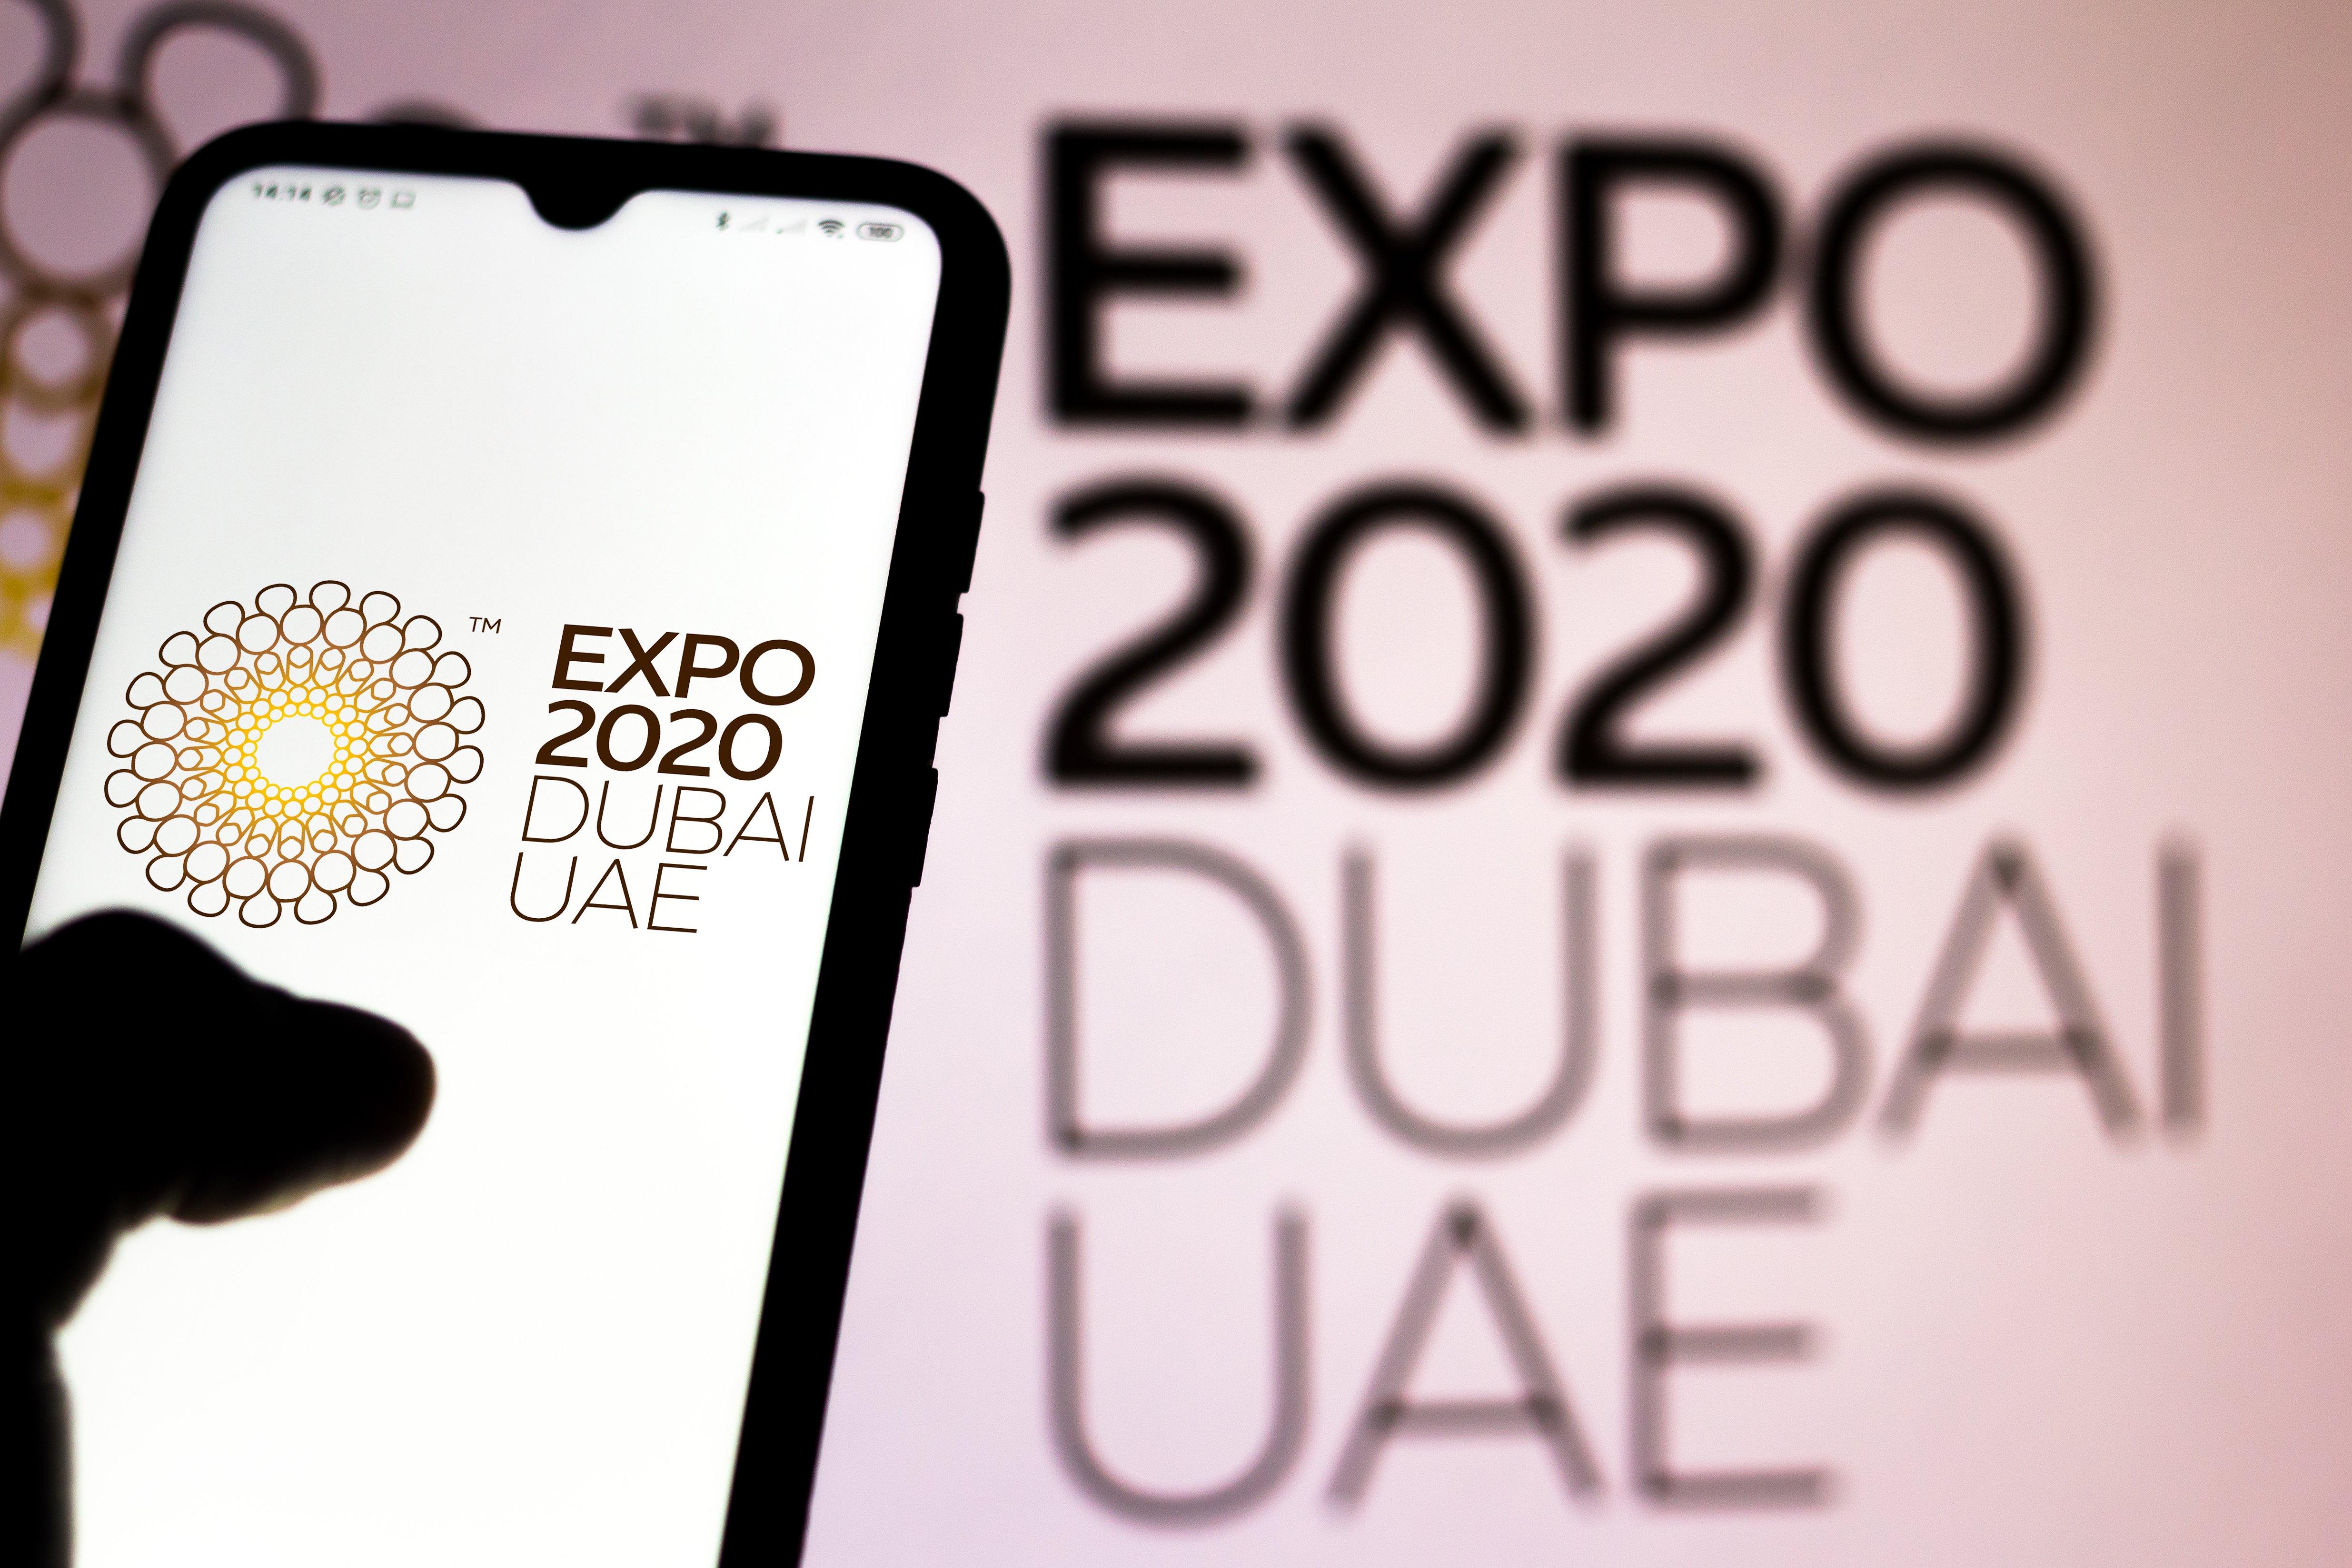 expo 2020 dubai social media marketing